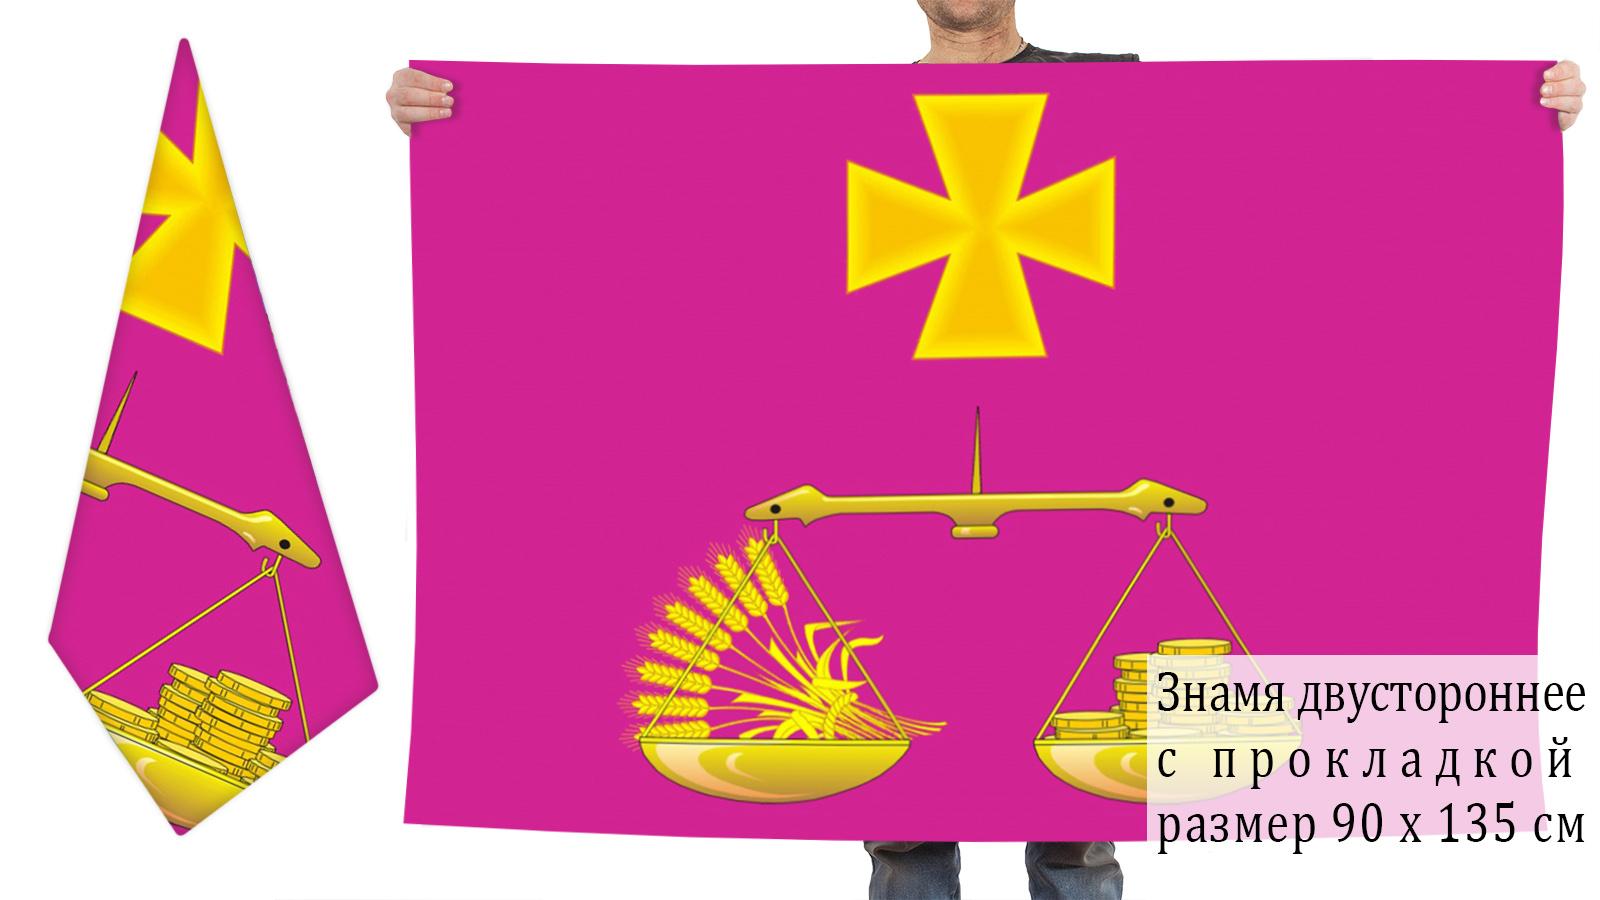 Двусторонний флаг Староминского сельского поселения